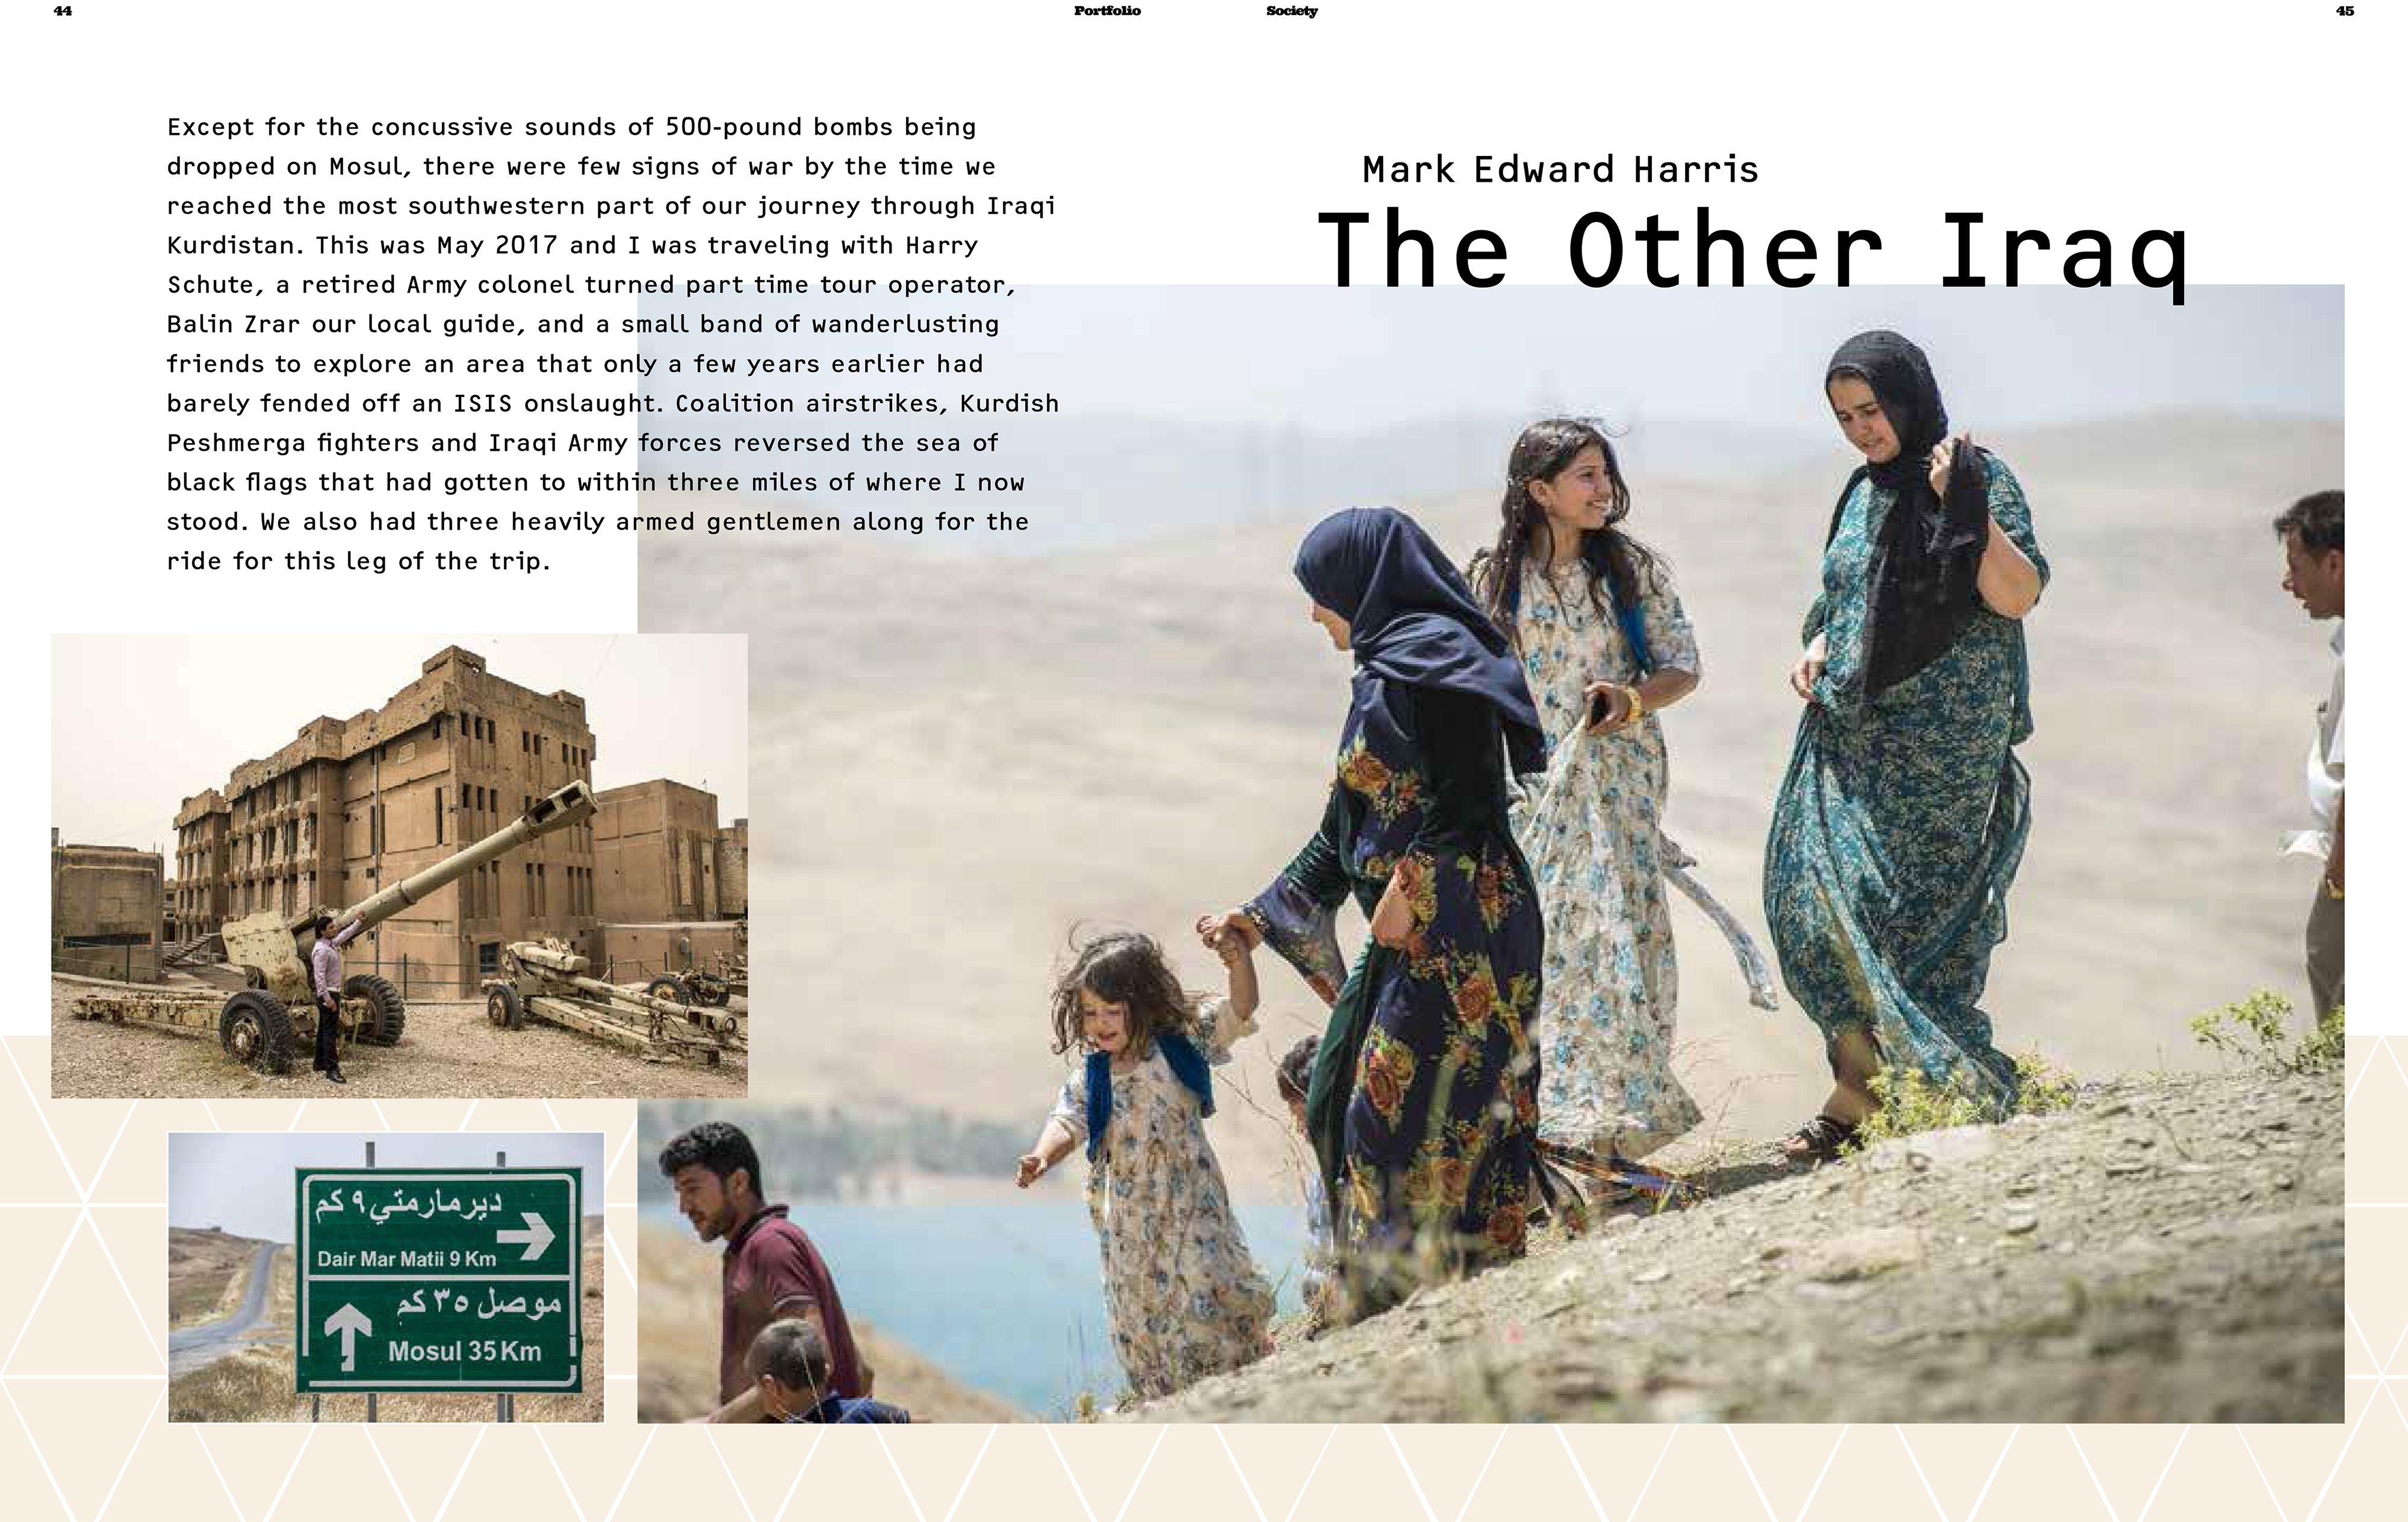 Iraq_Kurdistan_89-Portfolio Iraq Mark Harris-web.jpg